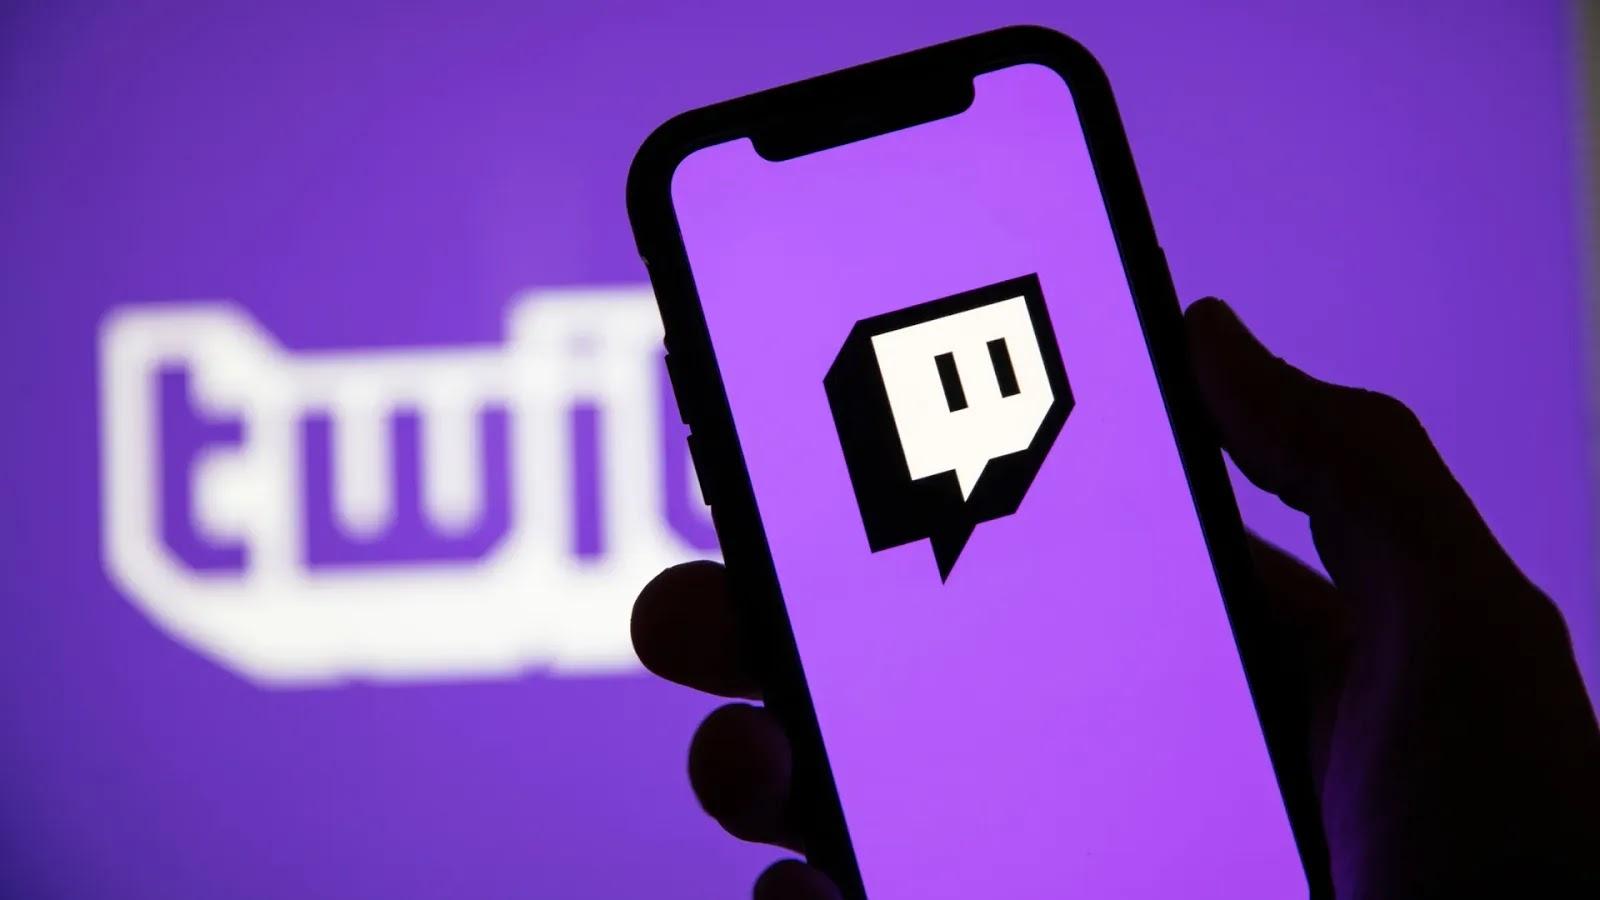 Twitch هو أحد أكثر المنصات شعبية لمشاهدة الفيديو المباشر. يأتي مزودًا بميزات مفيدة للوصول إلى مواقع البث المفضلة لديهم على Twitch وبسرعة أكبر.